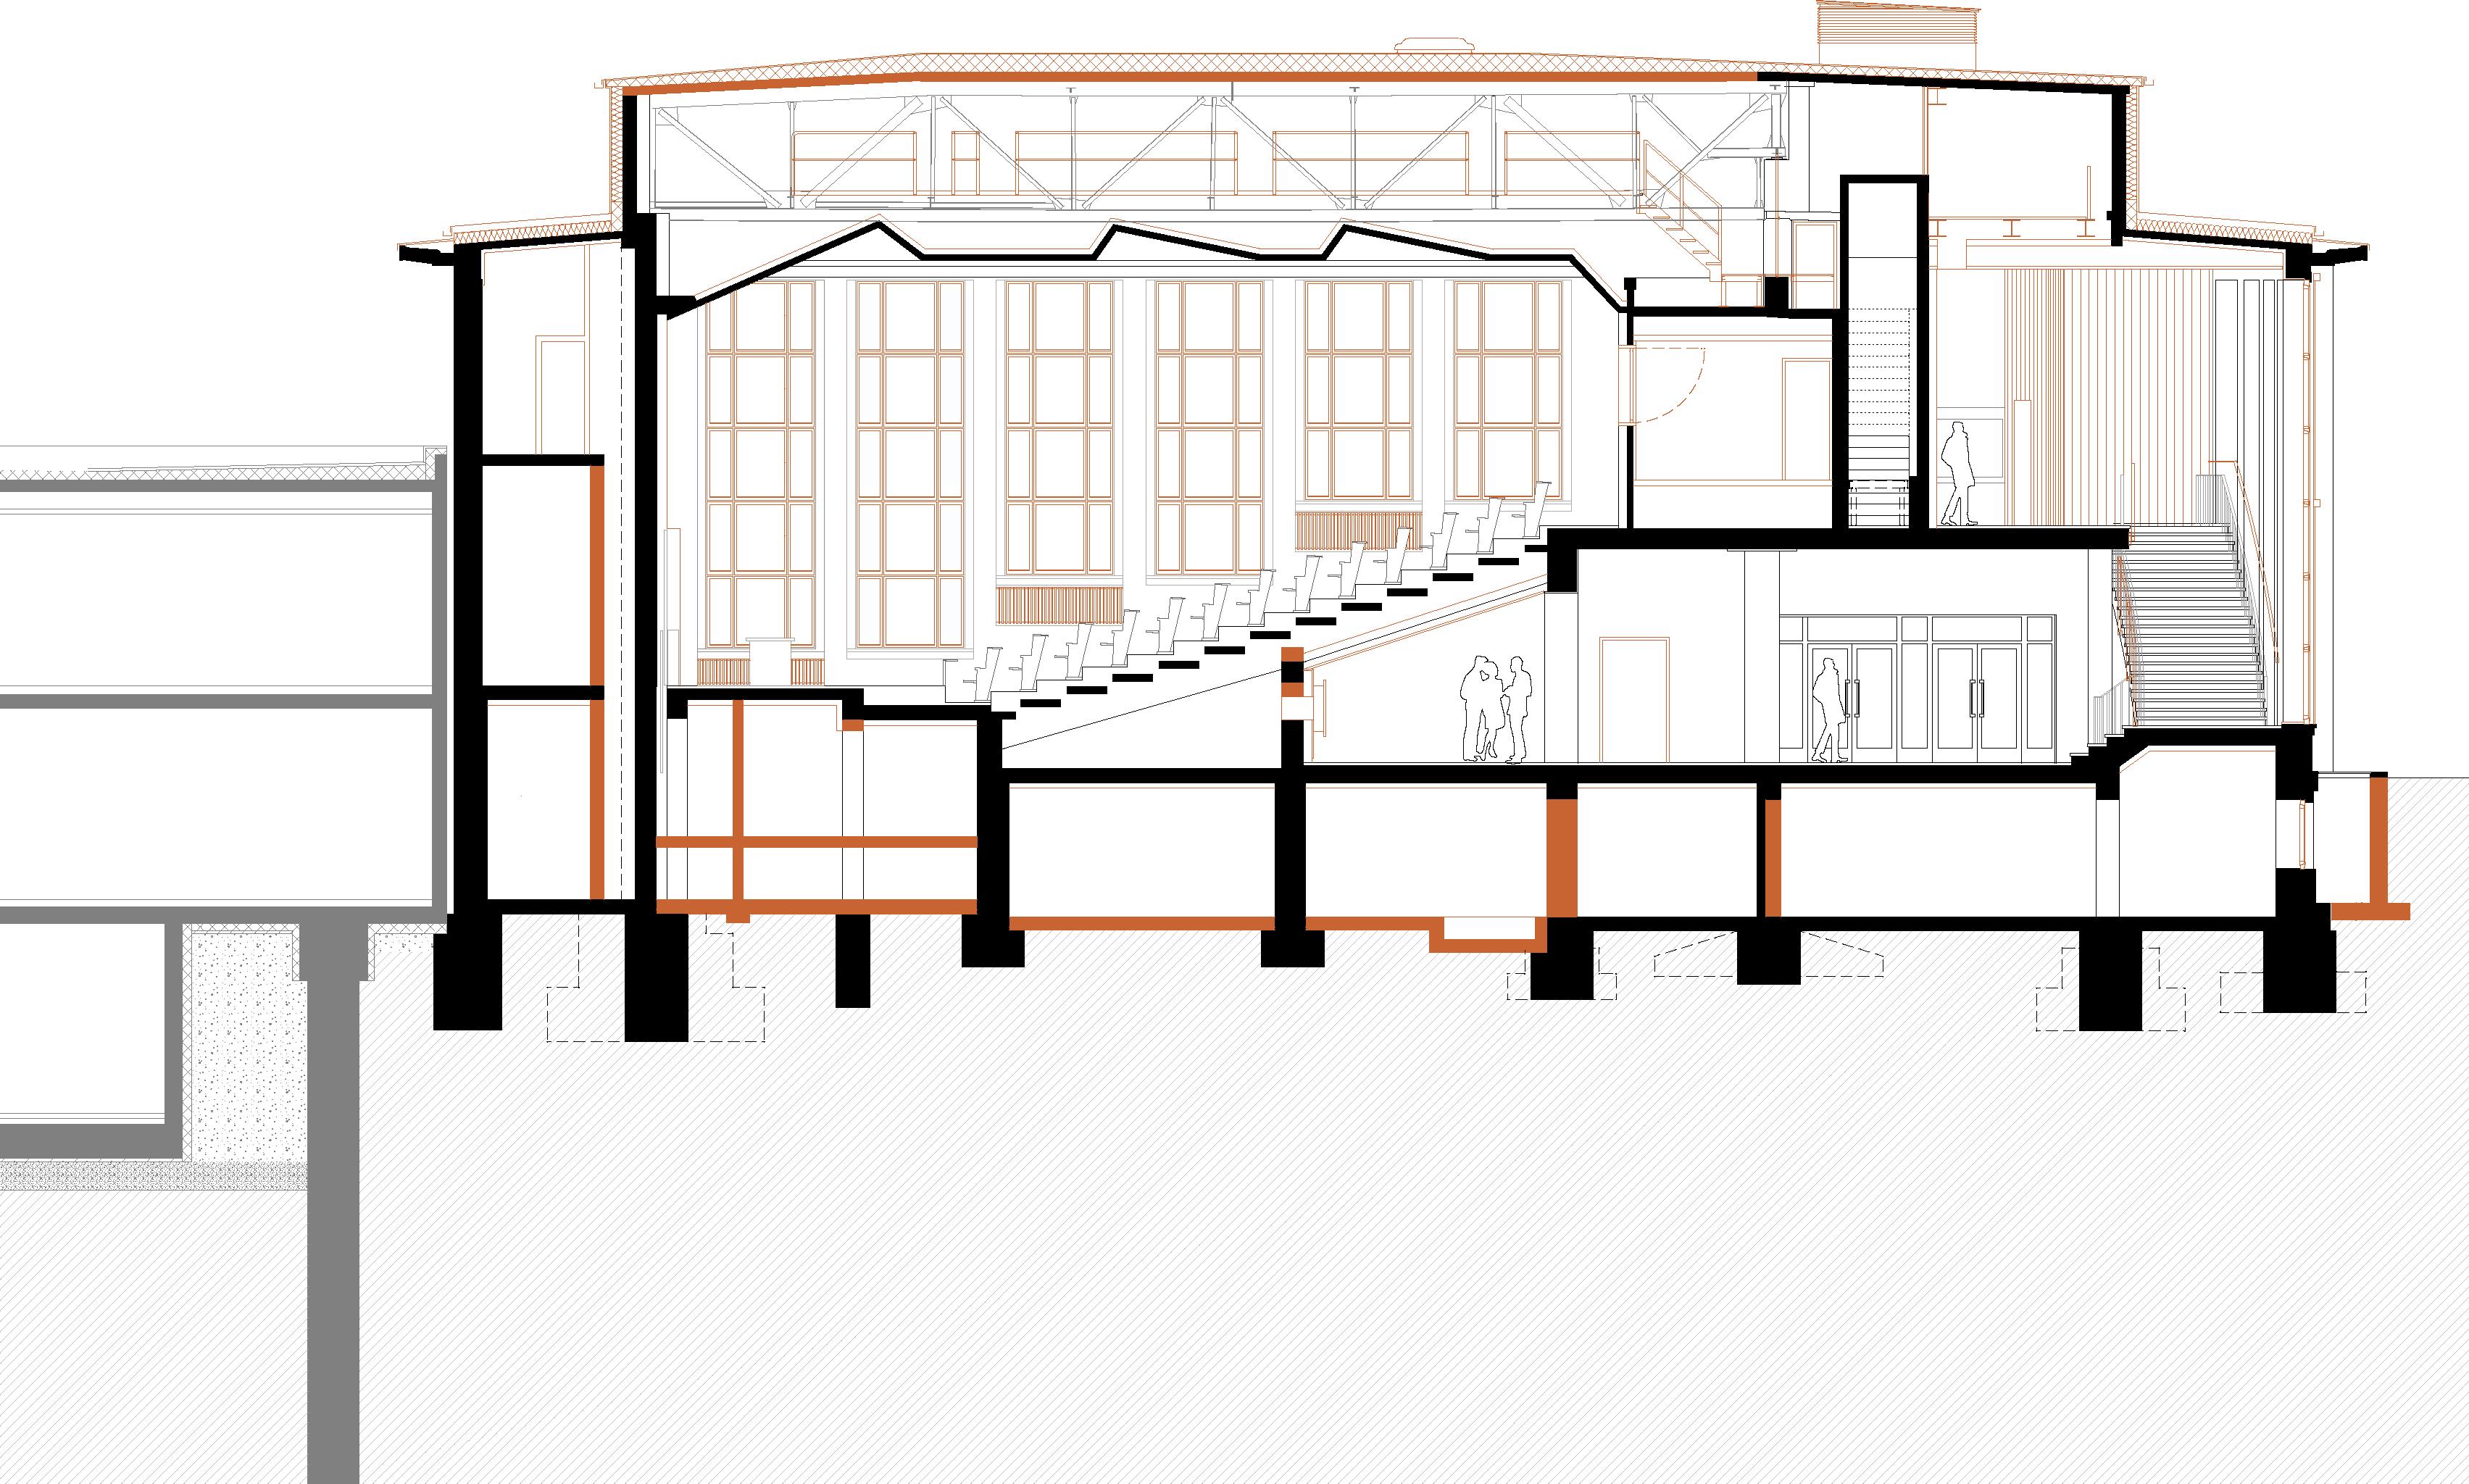 Shp Bauprojekte De B 50 Hs Web 03 Schnitt A A Shp